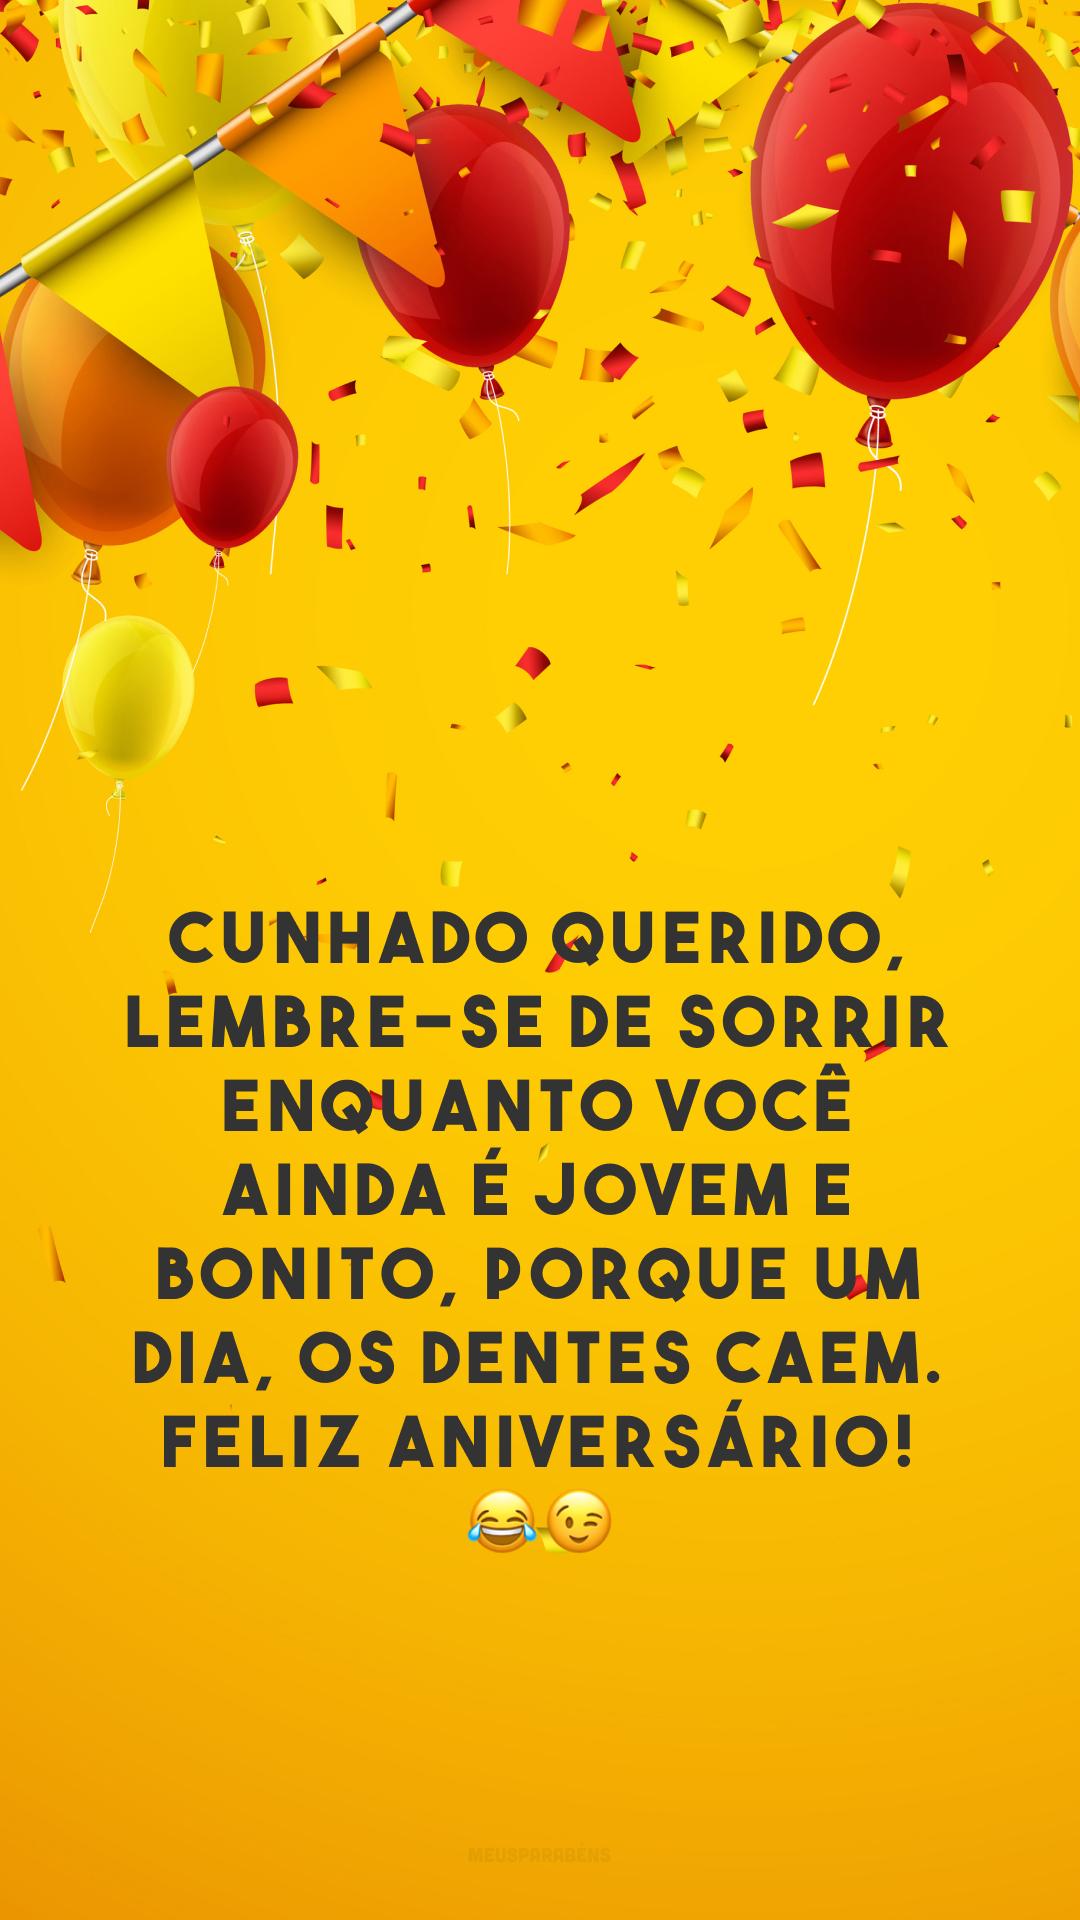 Cunhado querido, lembre-se de sorrir enquanto você ainda é jovem e bonito, porque um dia, os dentes caem. Feliz aniversário! 😂😉